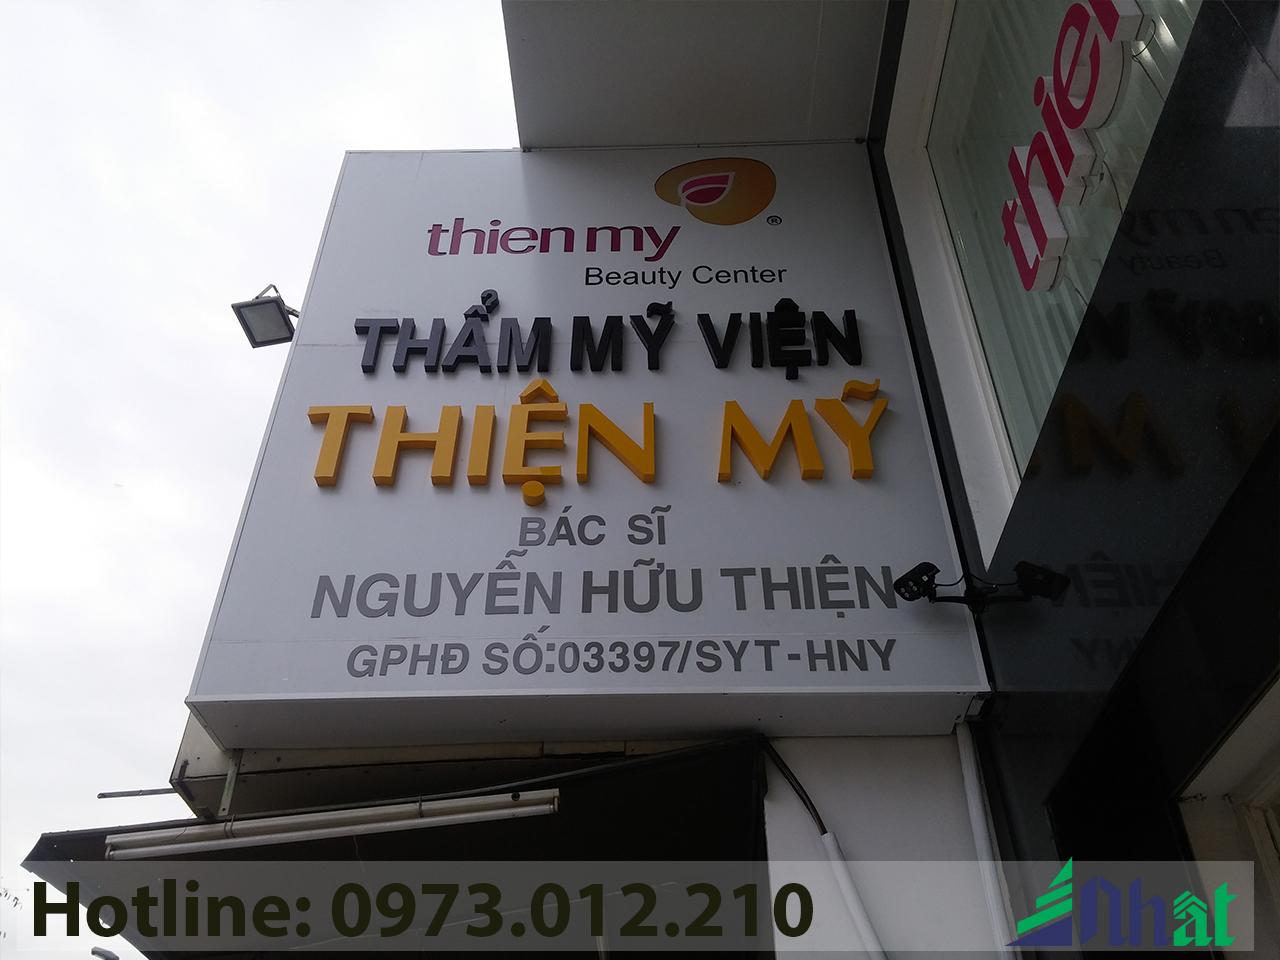 bang hieuj Thien my